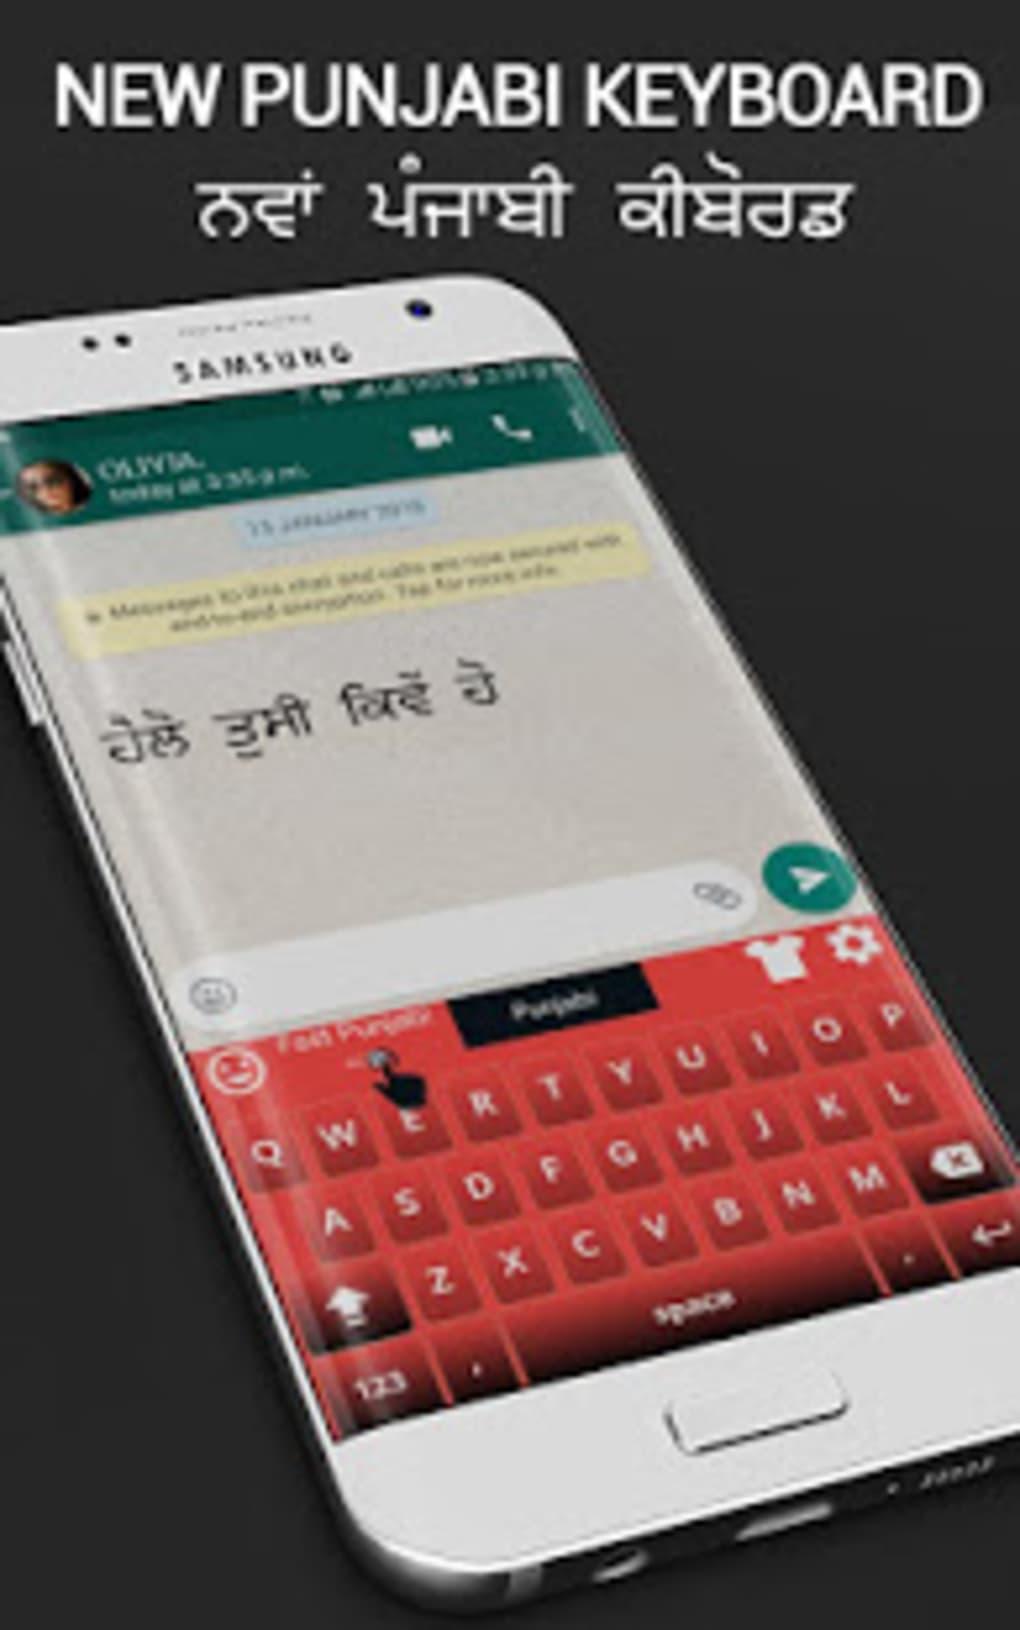 Punjabi keyboard app - Punjabi Typing Keyboard for Android